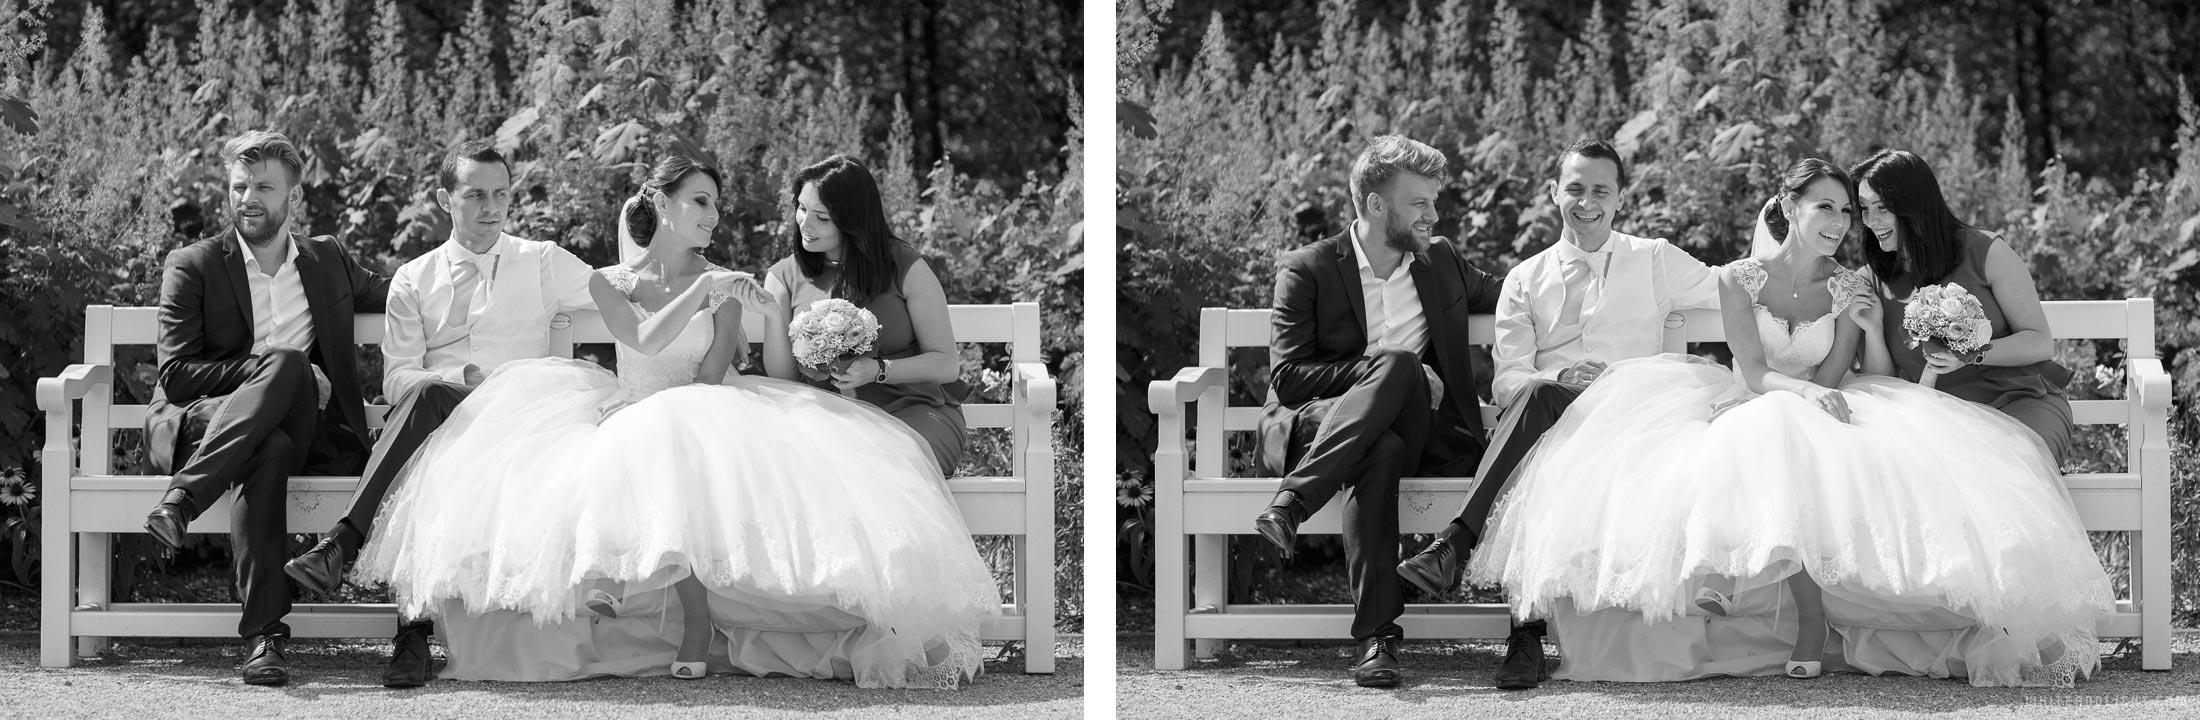 fotograf münchen familie